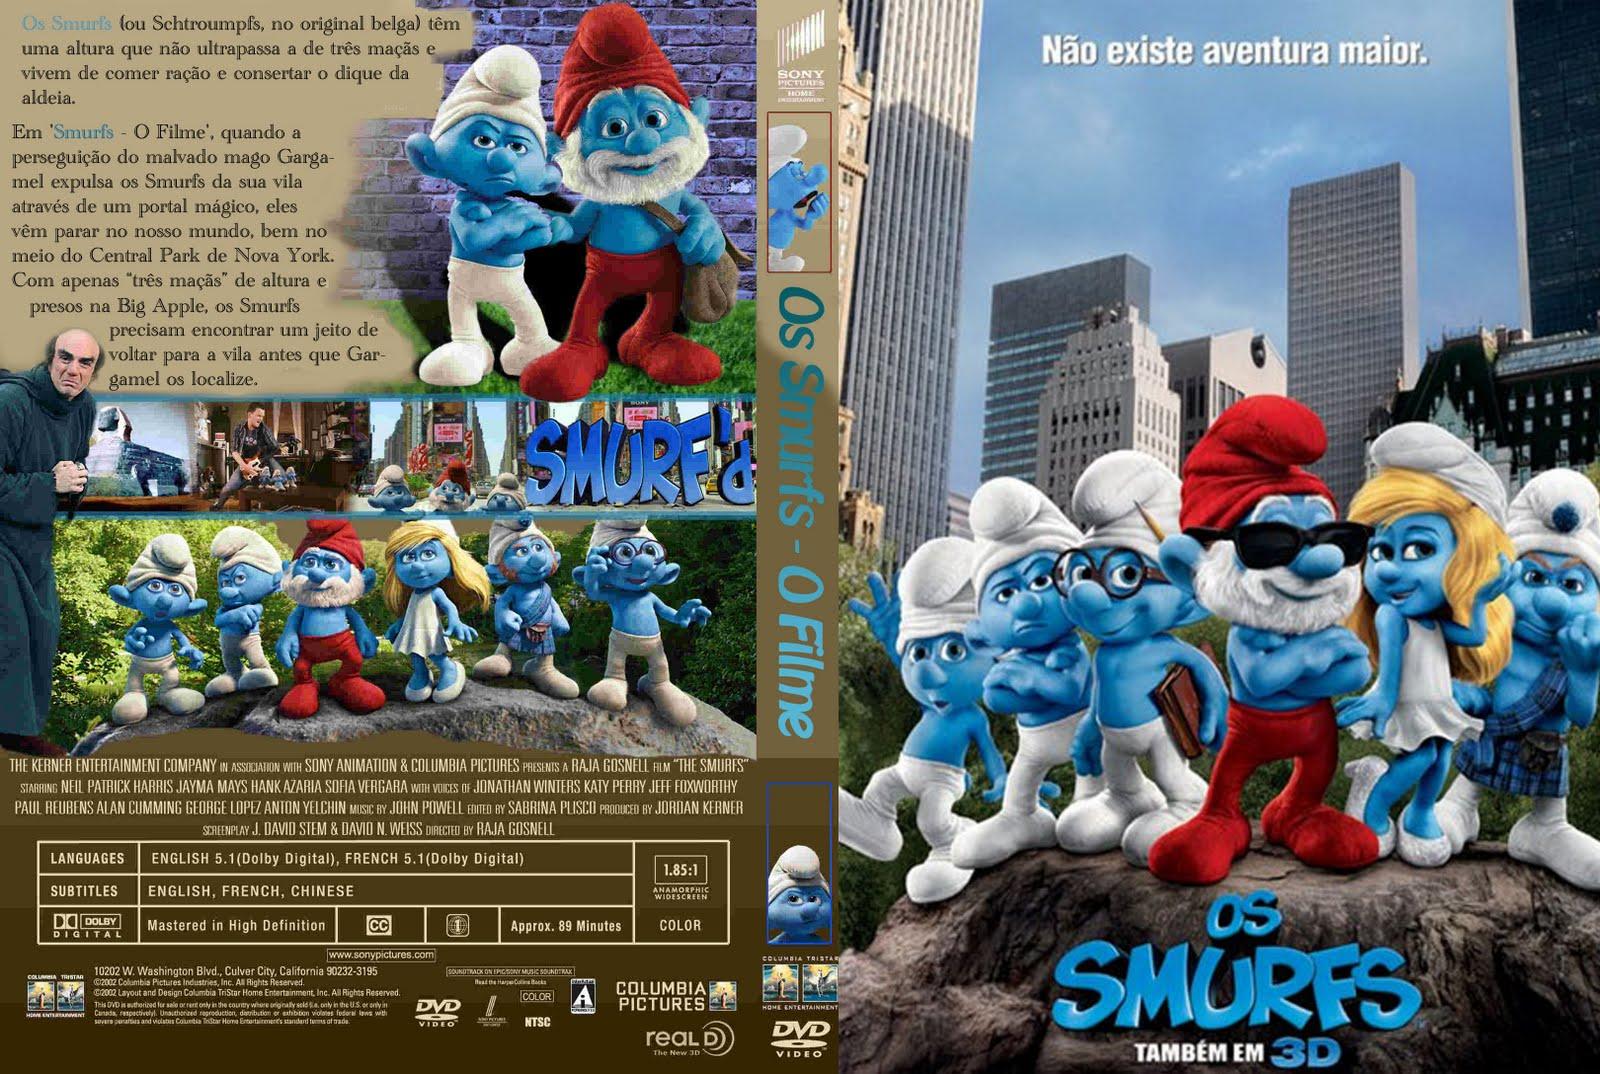 filme os smurfs 2 dublado avi